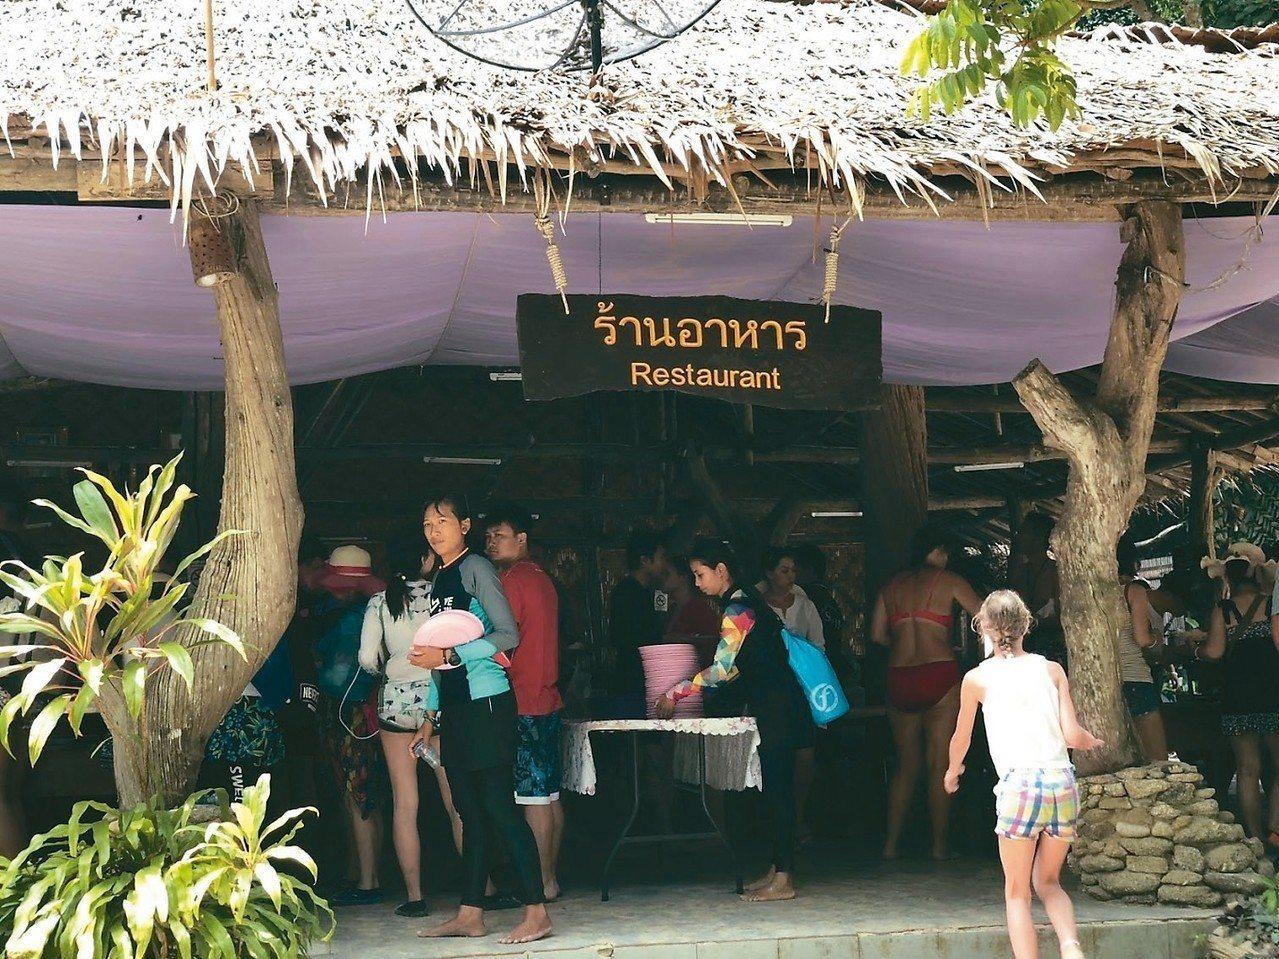 島上提供自助餐吃到飽,也形成各國觀光客搶食畫面。 記者魏妤庭/攝影